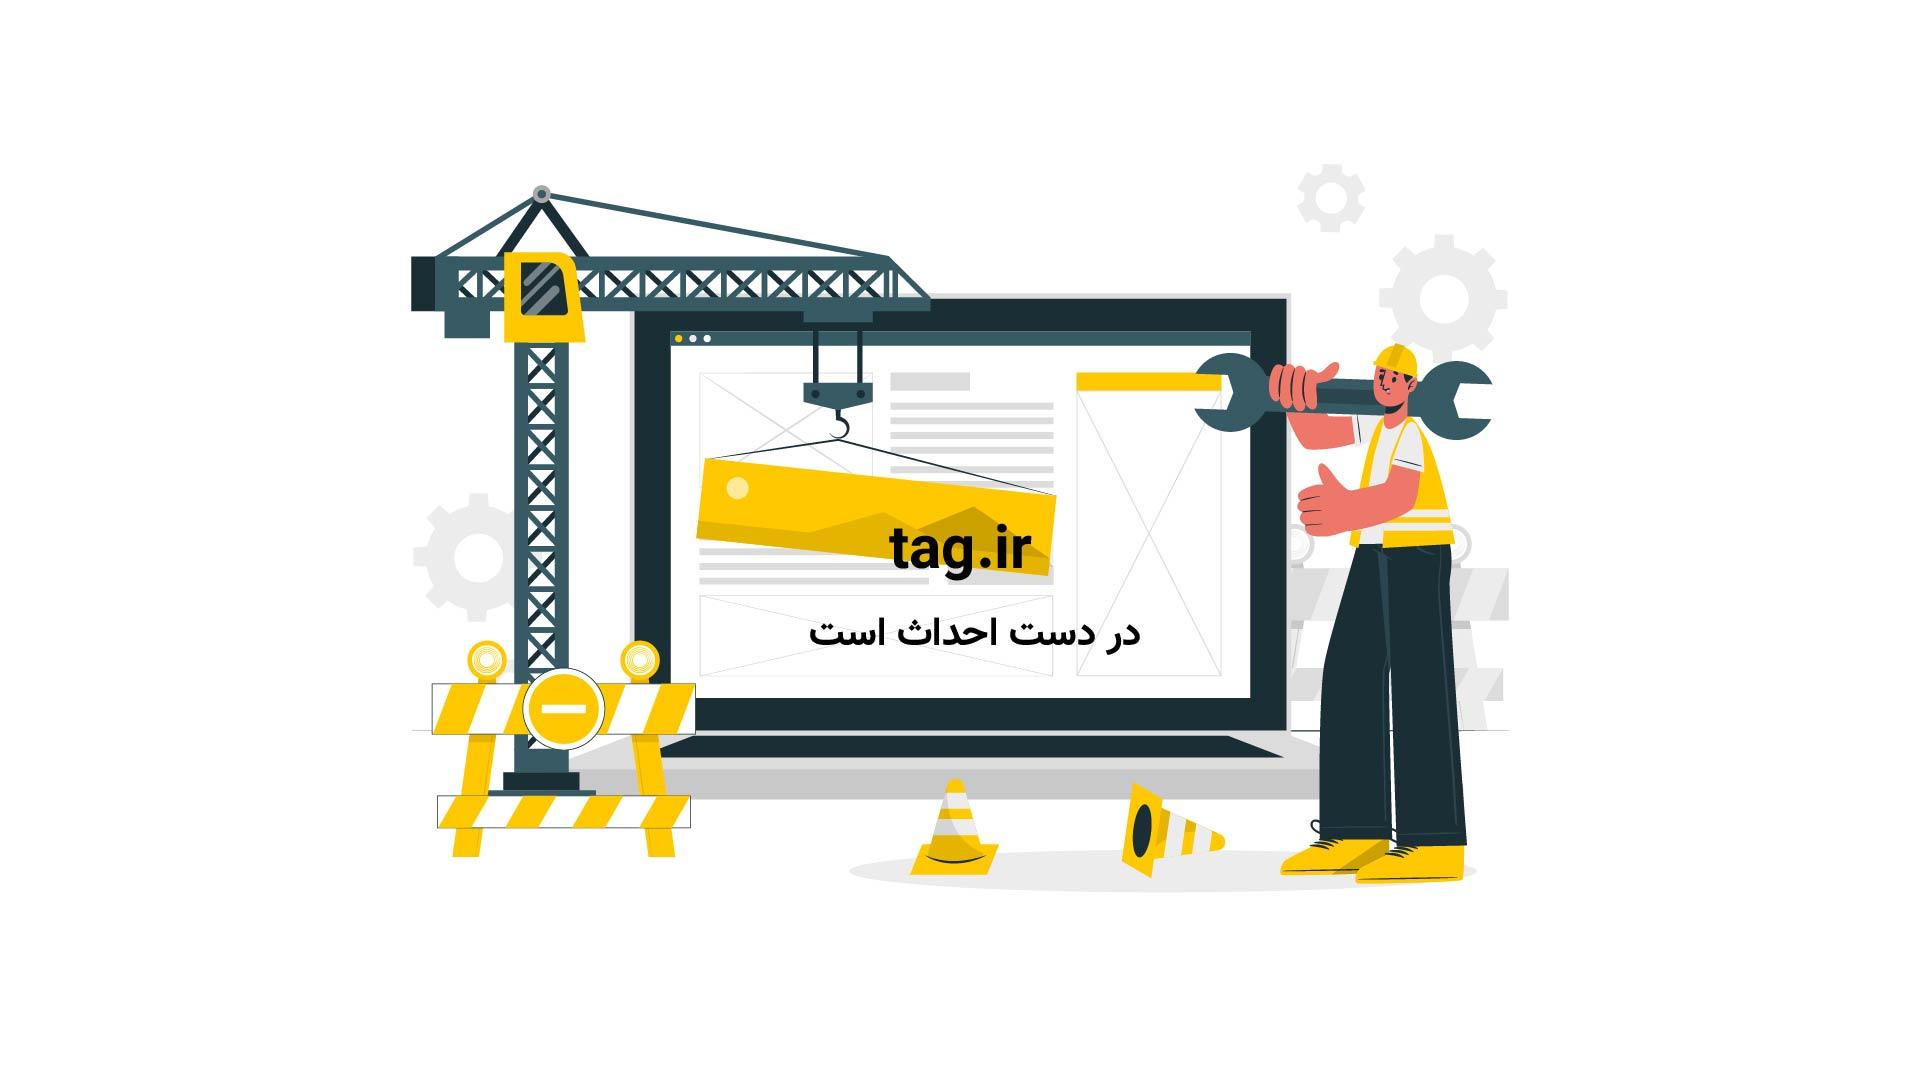 کویر مرنجاب از جاذبههای گردشگری آران و بیدگل | فیلم